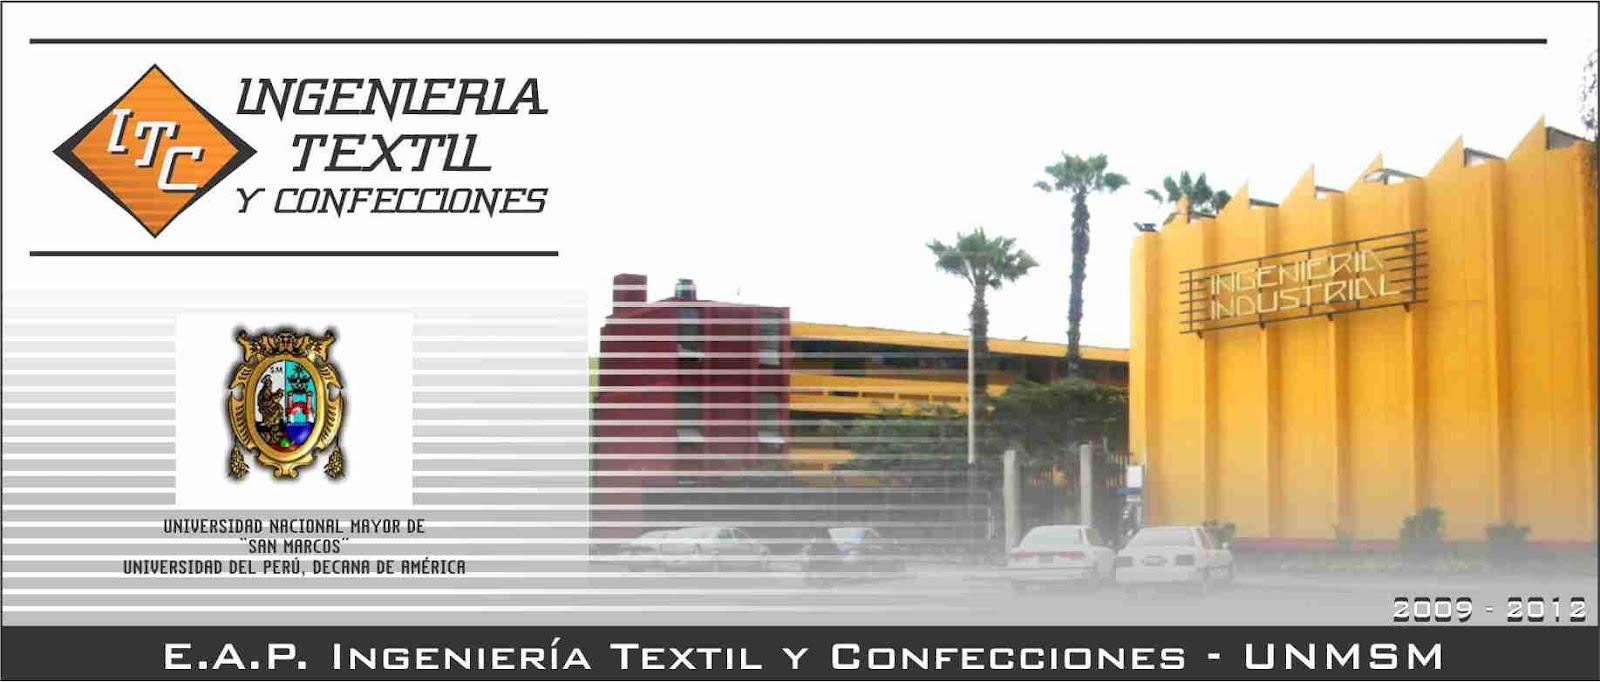 E.A.P. Ingeniería Textil y Confecciones - UNMSM